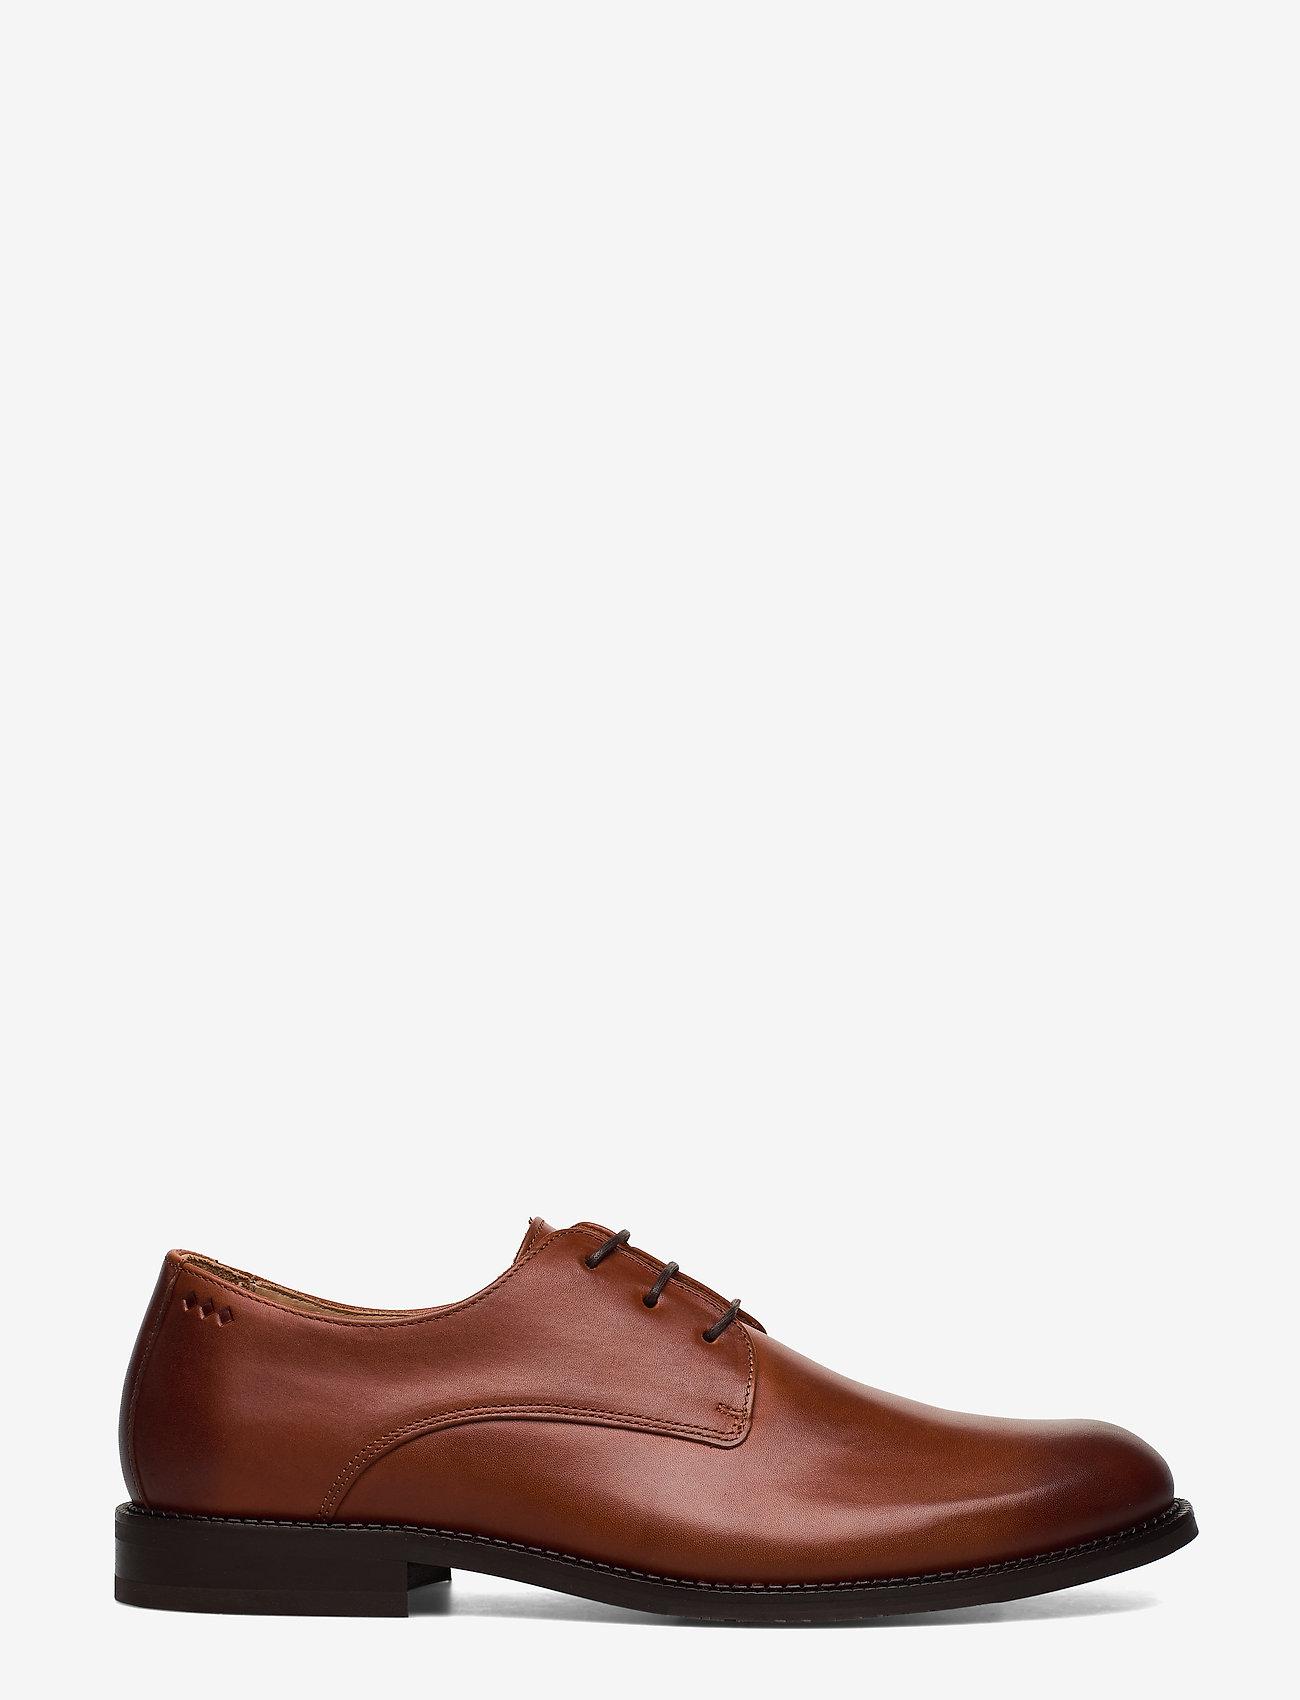 Royal Republiq Alias Classic Derby Shoe - Business